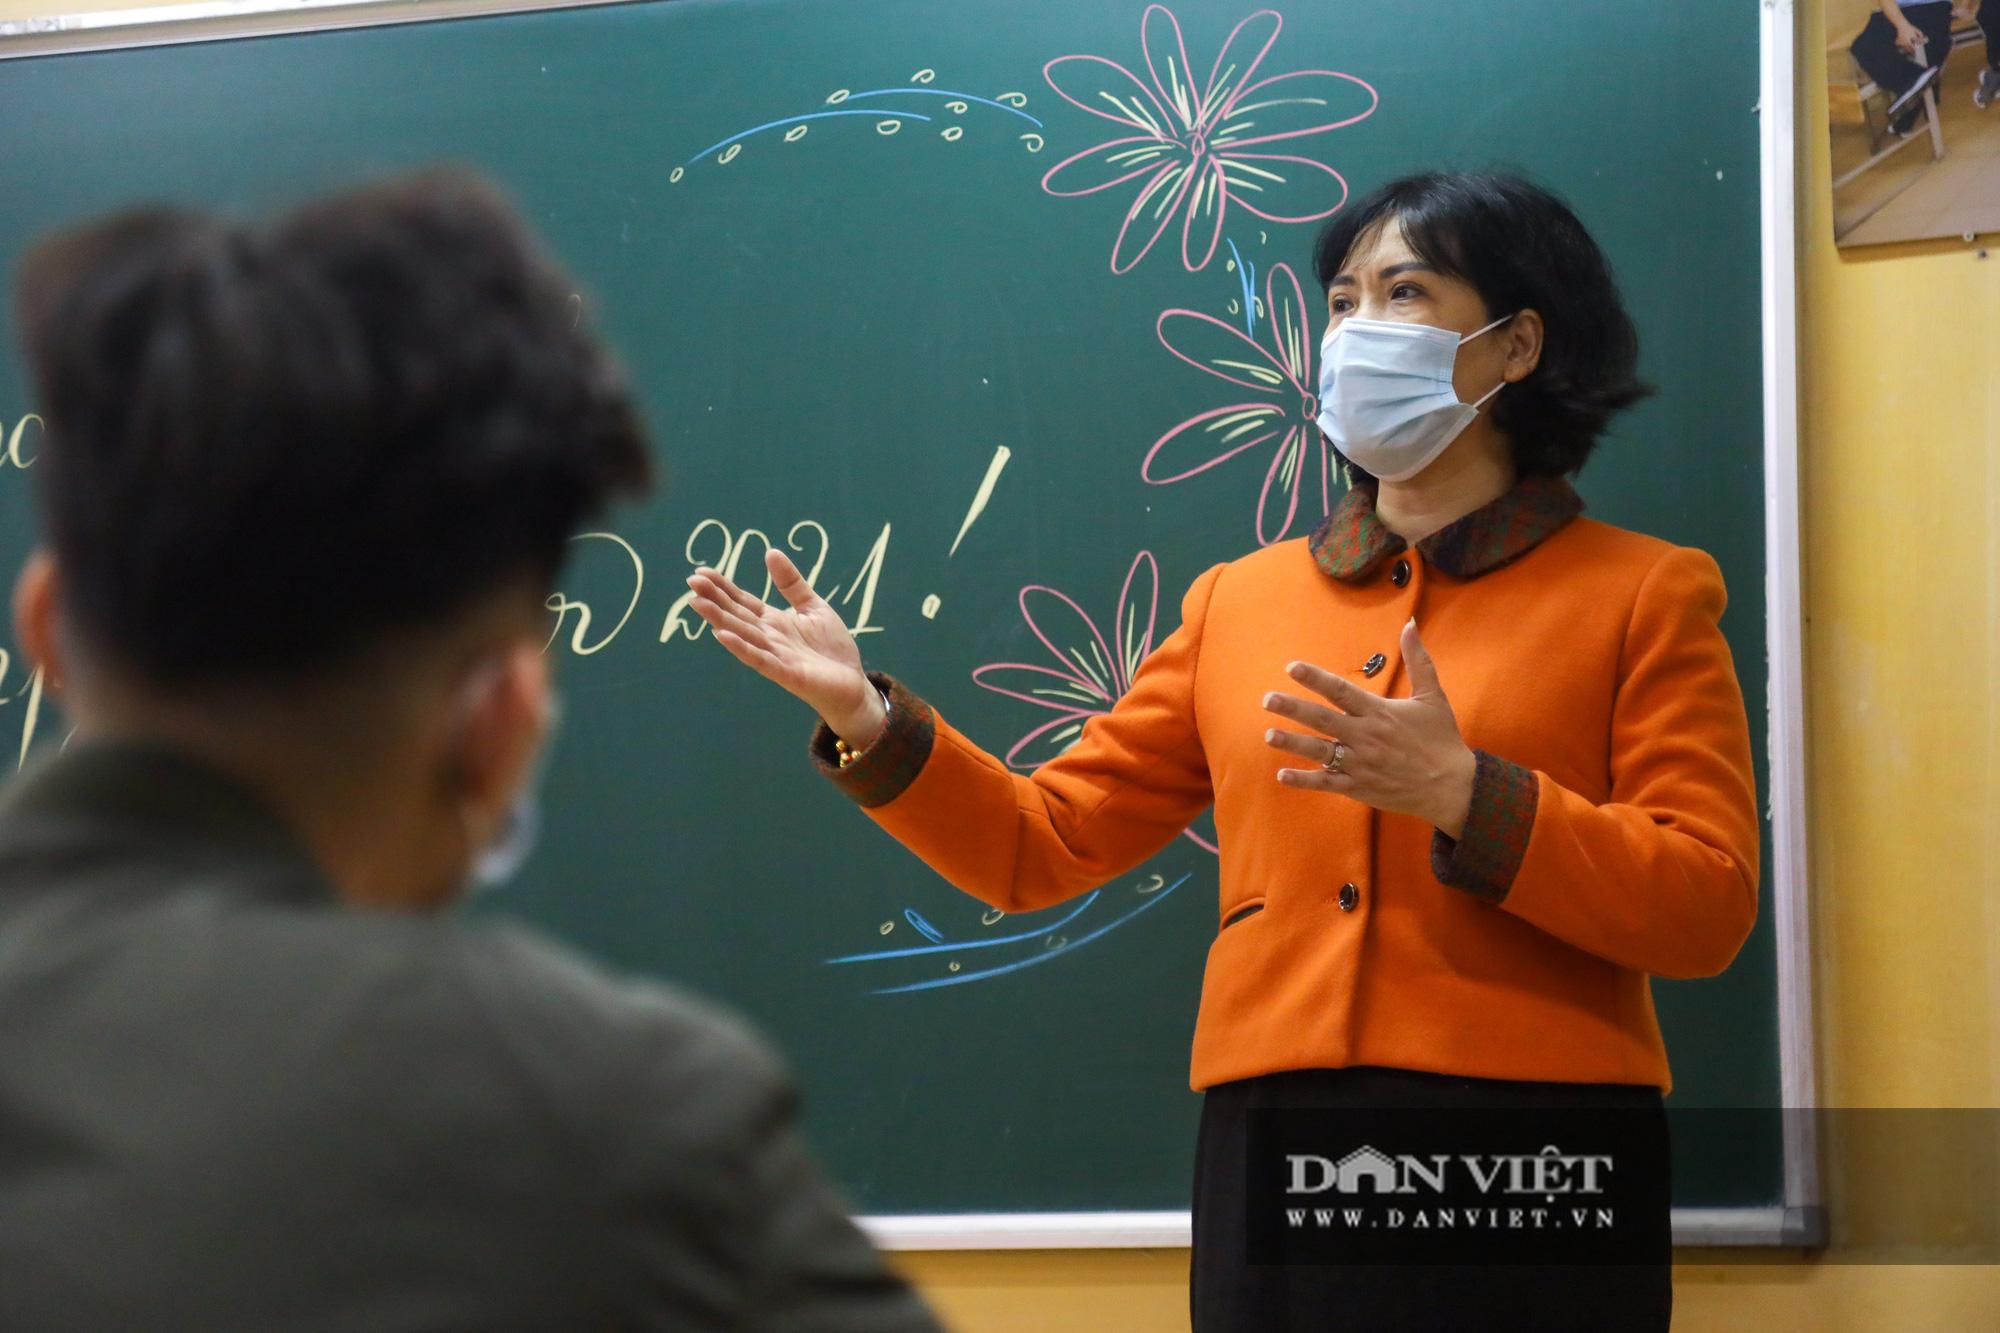 Đi học trở lại sau 30 ngày nghỉ Tết, học sinh Hà Nội được nhận lì xì - Ảnh 12.